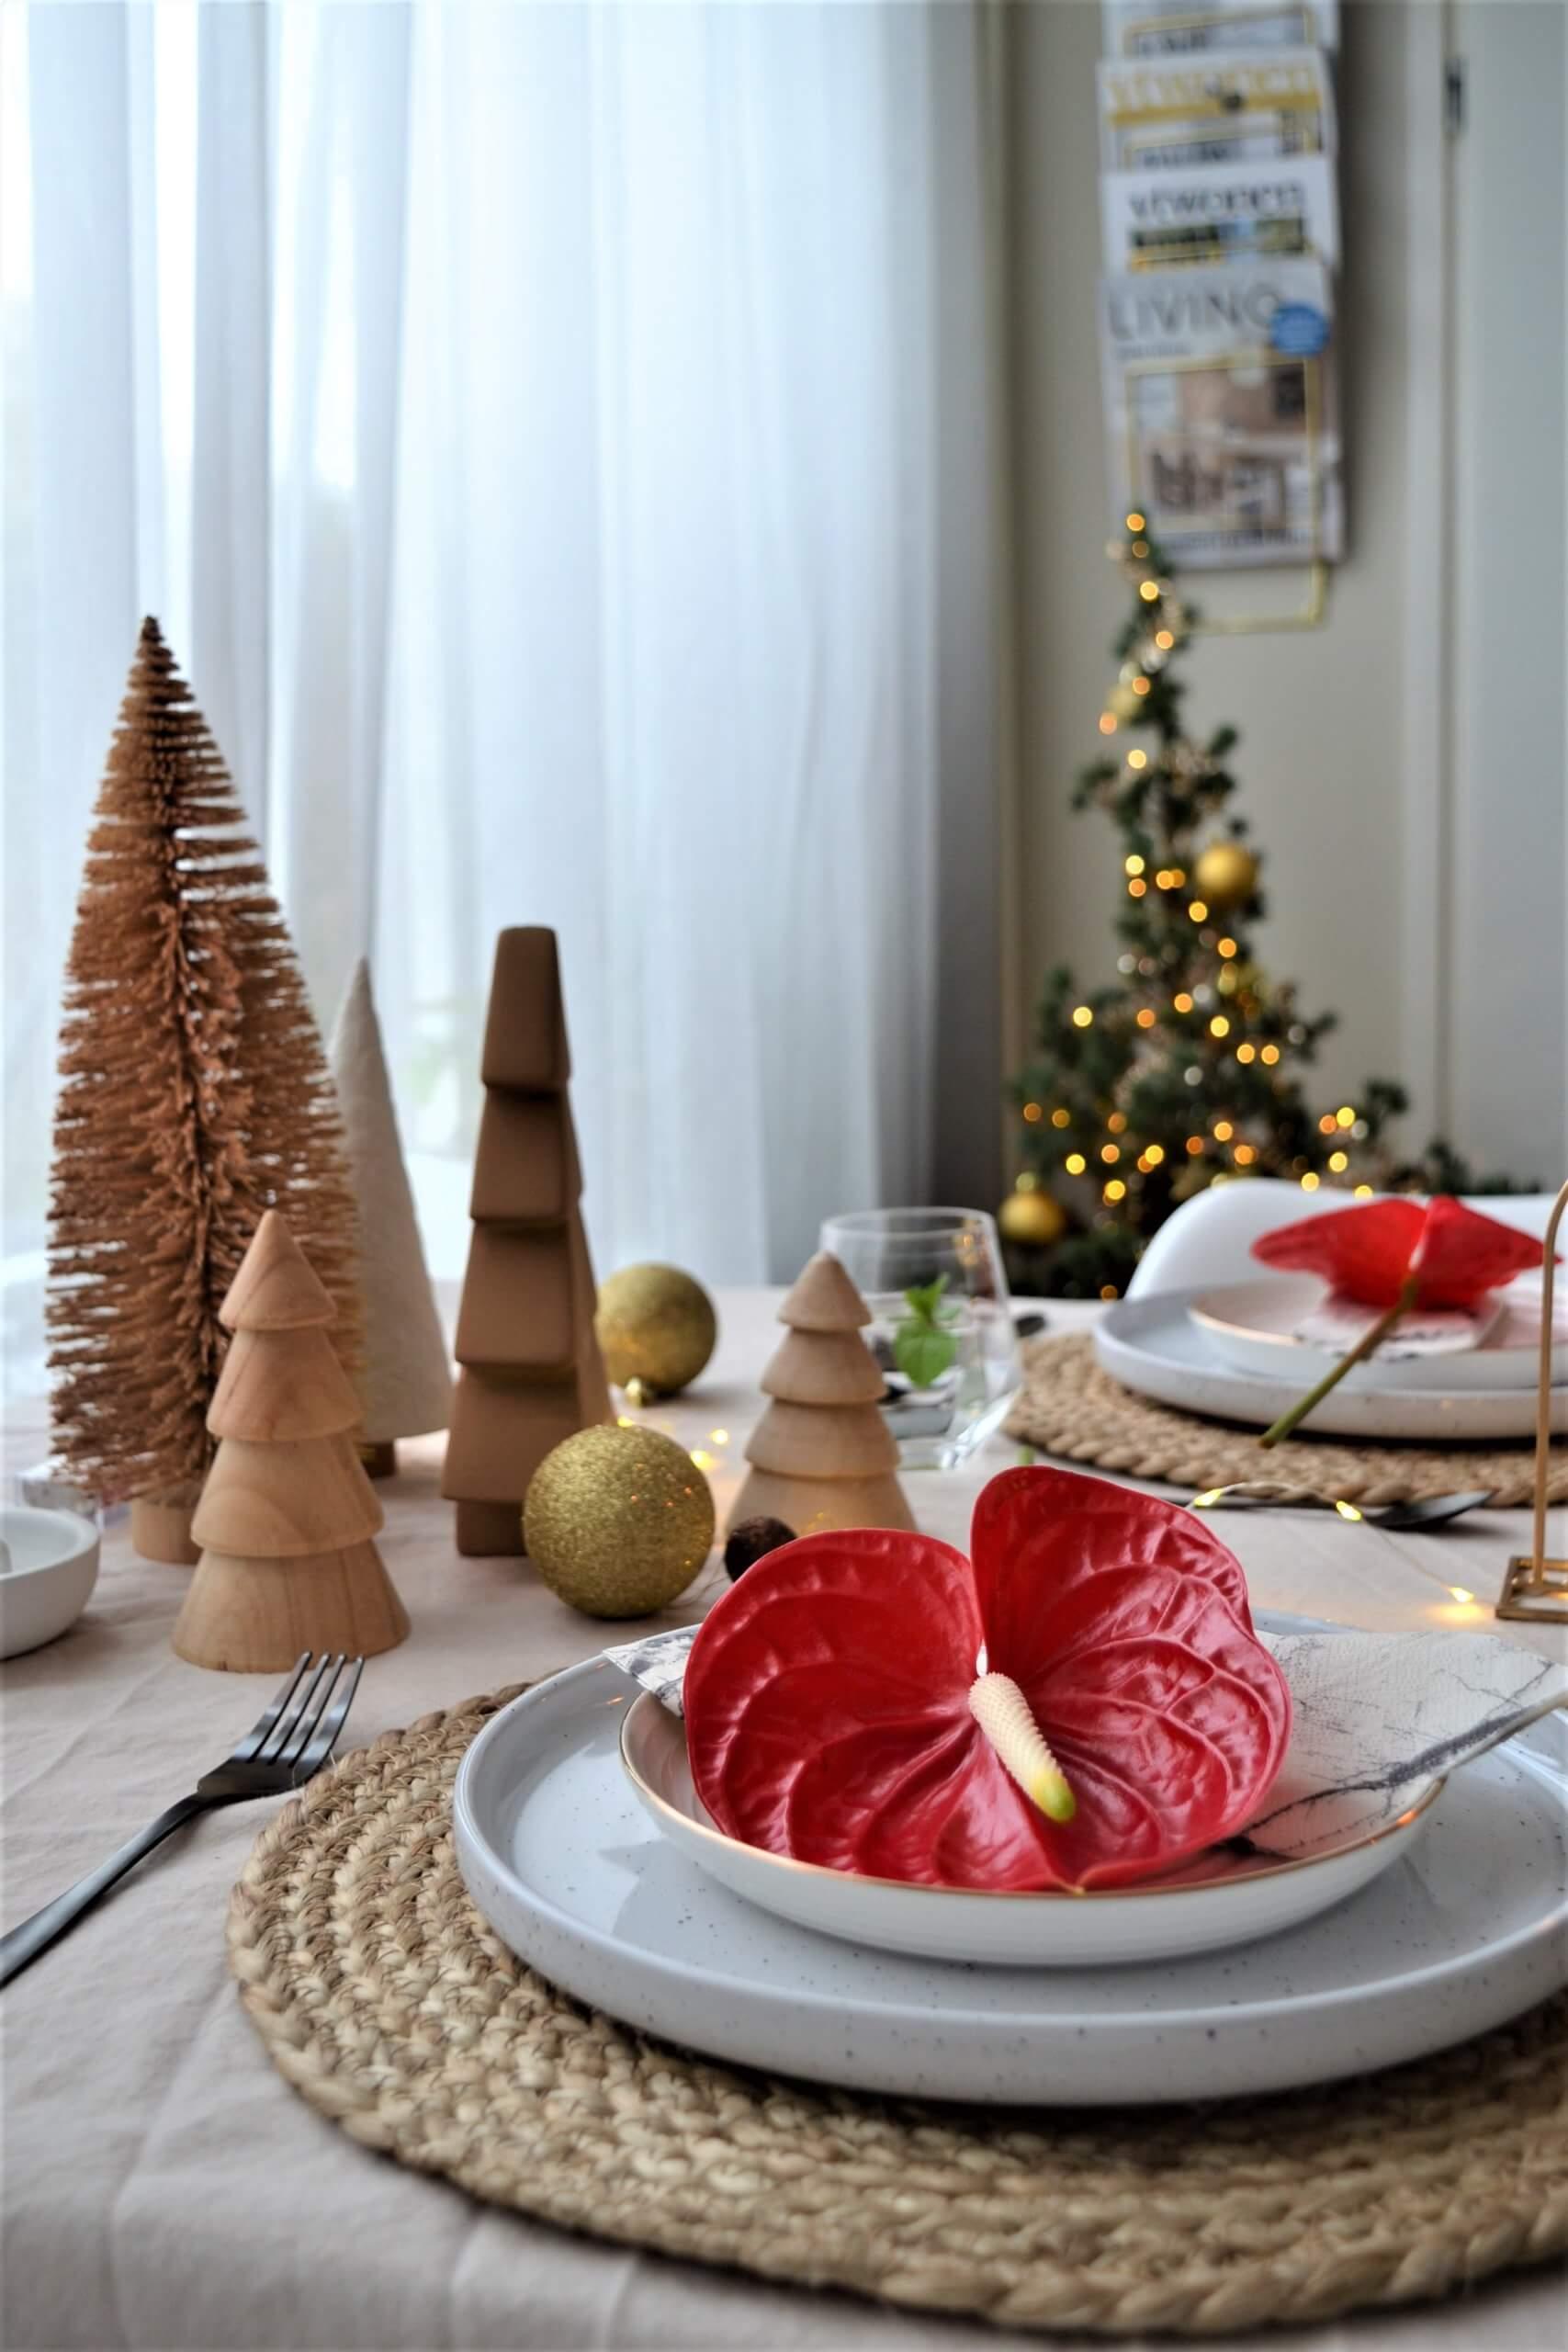 Weihnachtliche Tischdekoration mit roten Anthurien